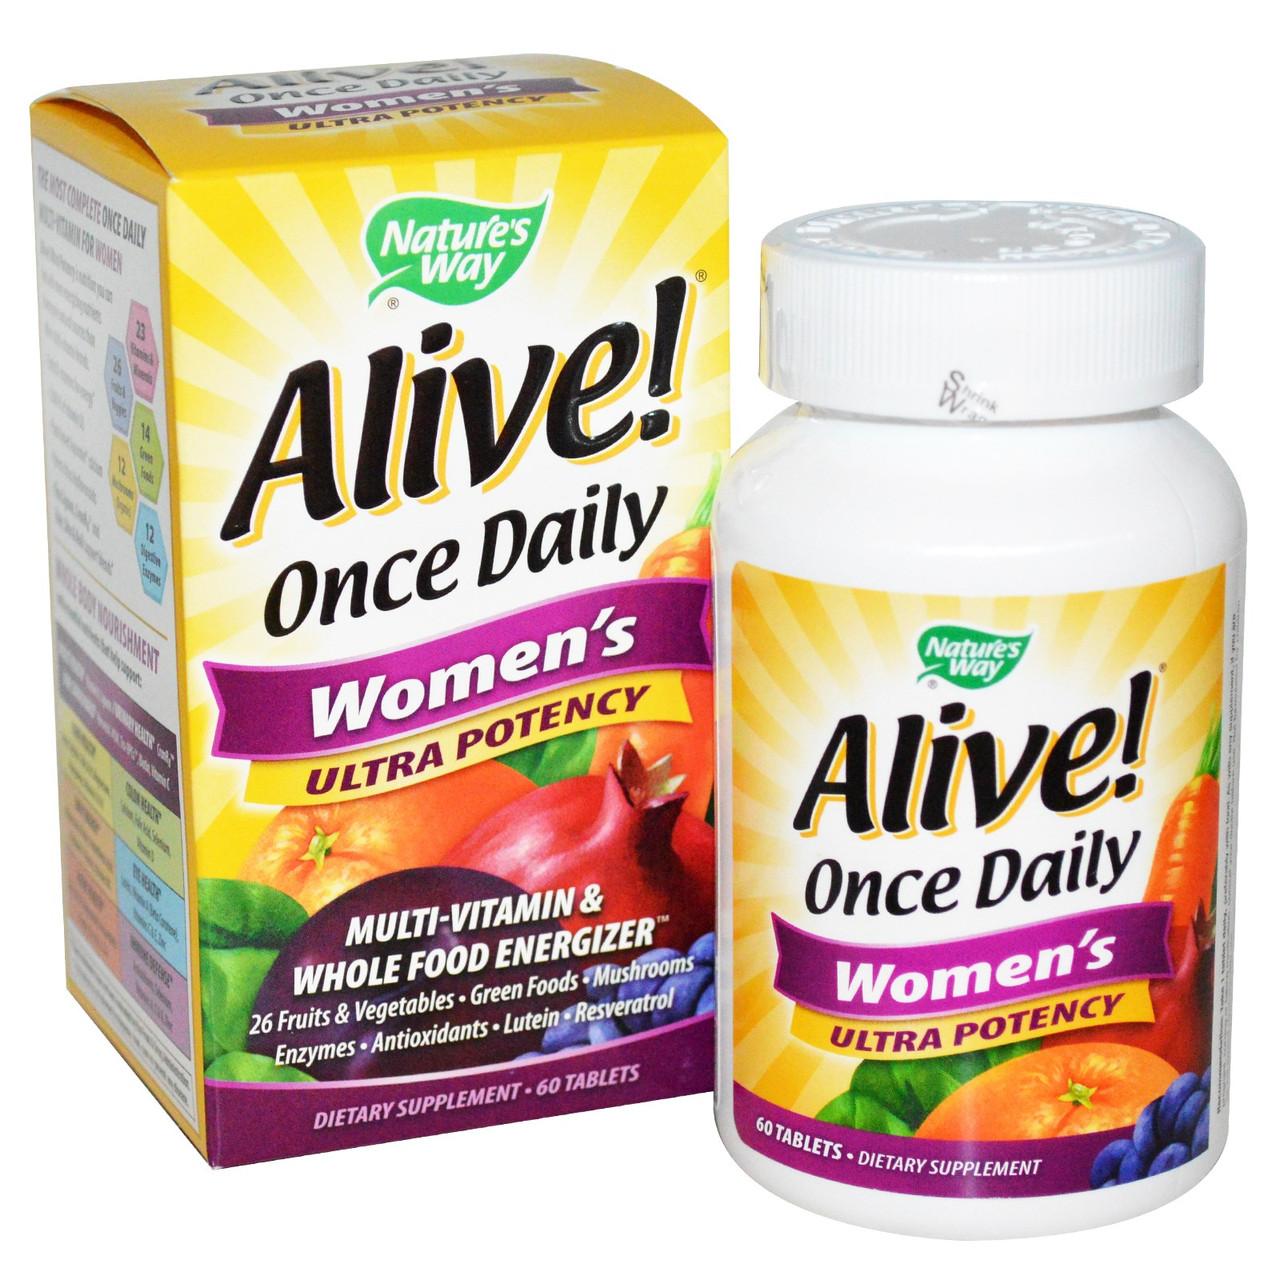 Мультивитаминный комплекс для женщин Alive! Ultra Potency, 1 таблетка в день. Сделано в США.